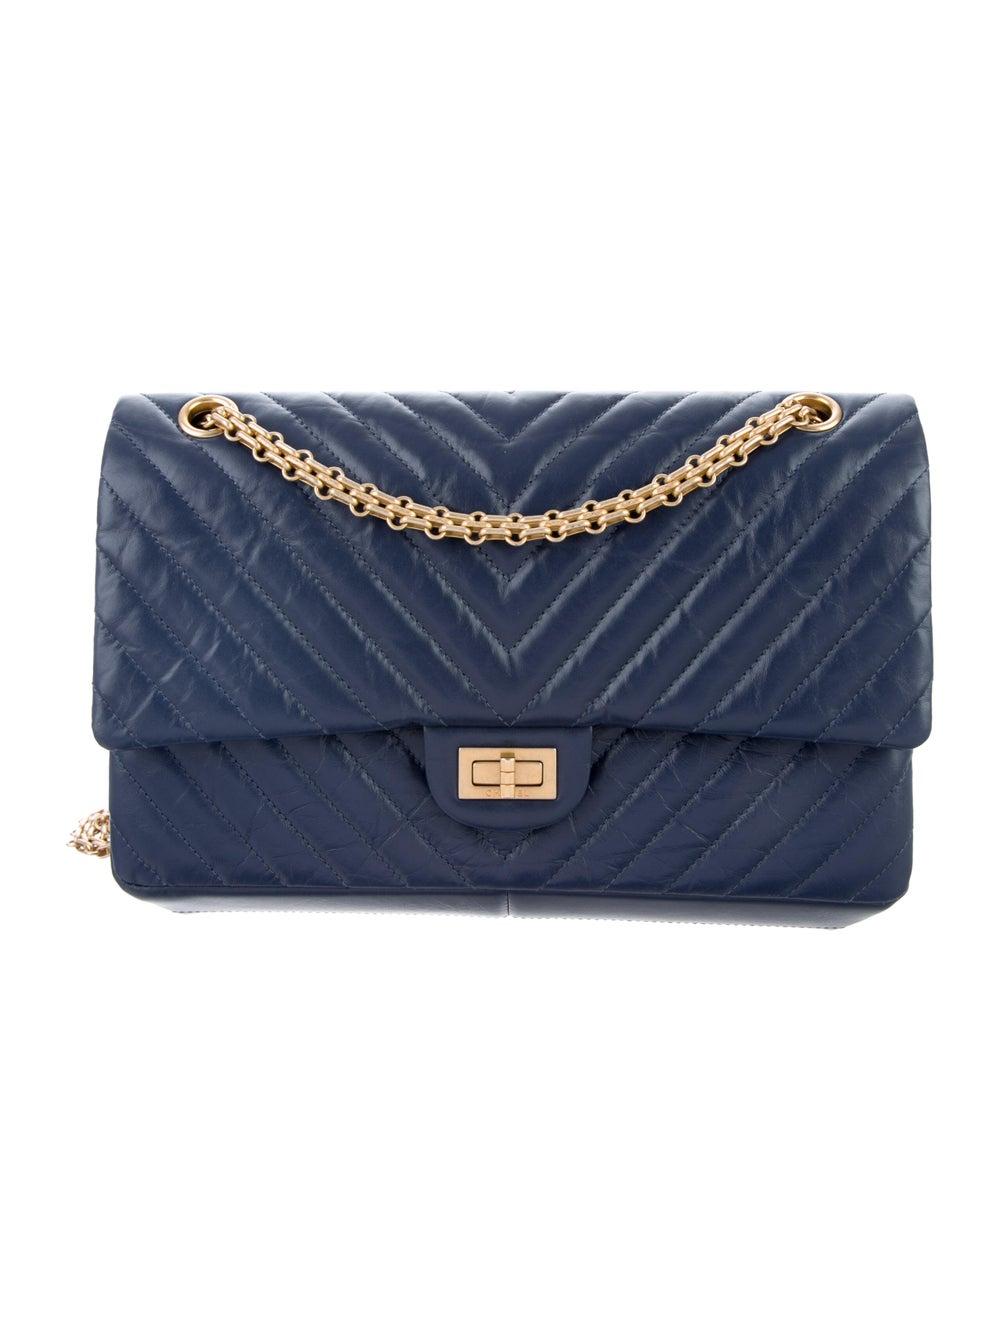 Chanel Chevron Reissue 226 Double Flap Bag Blue - image 1